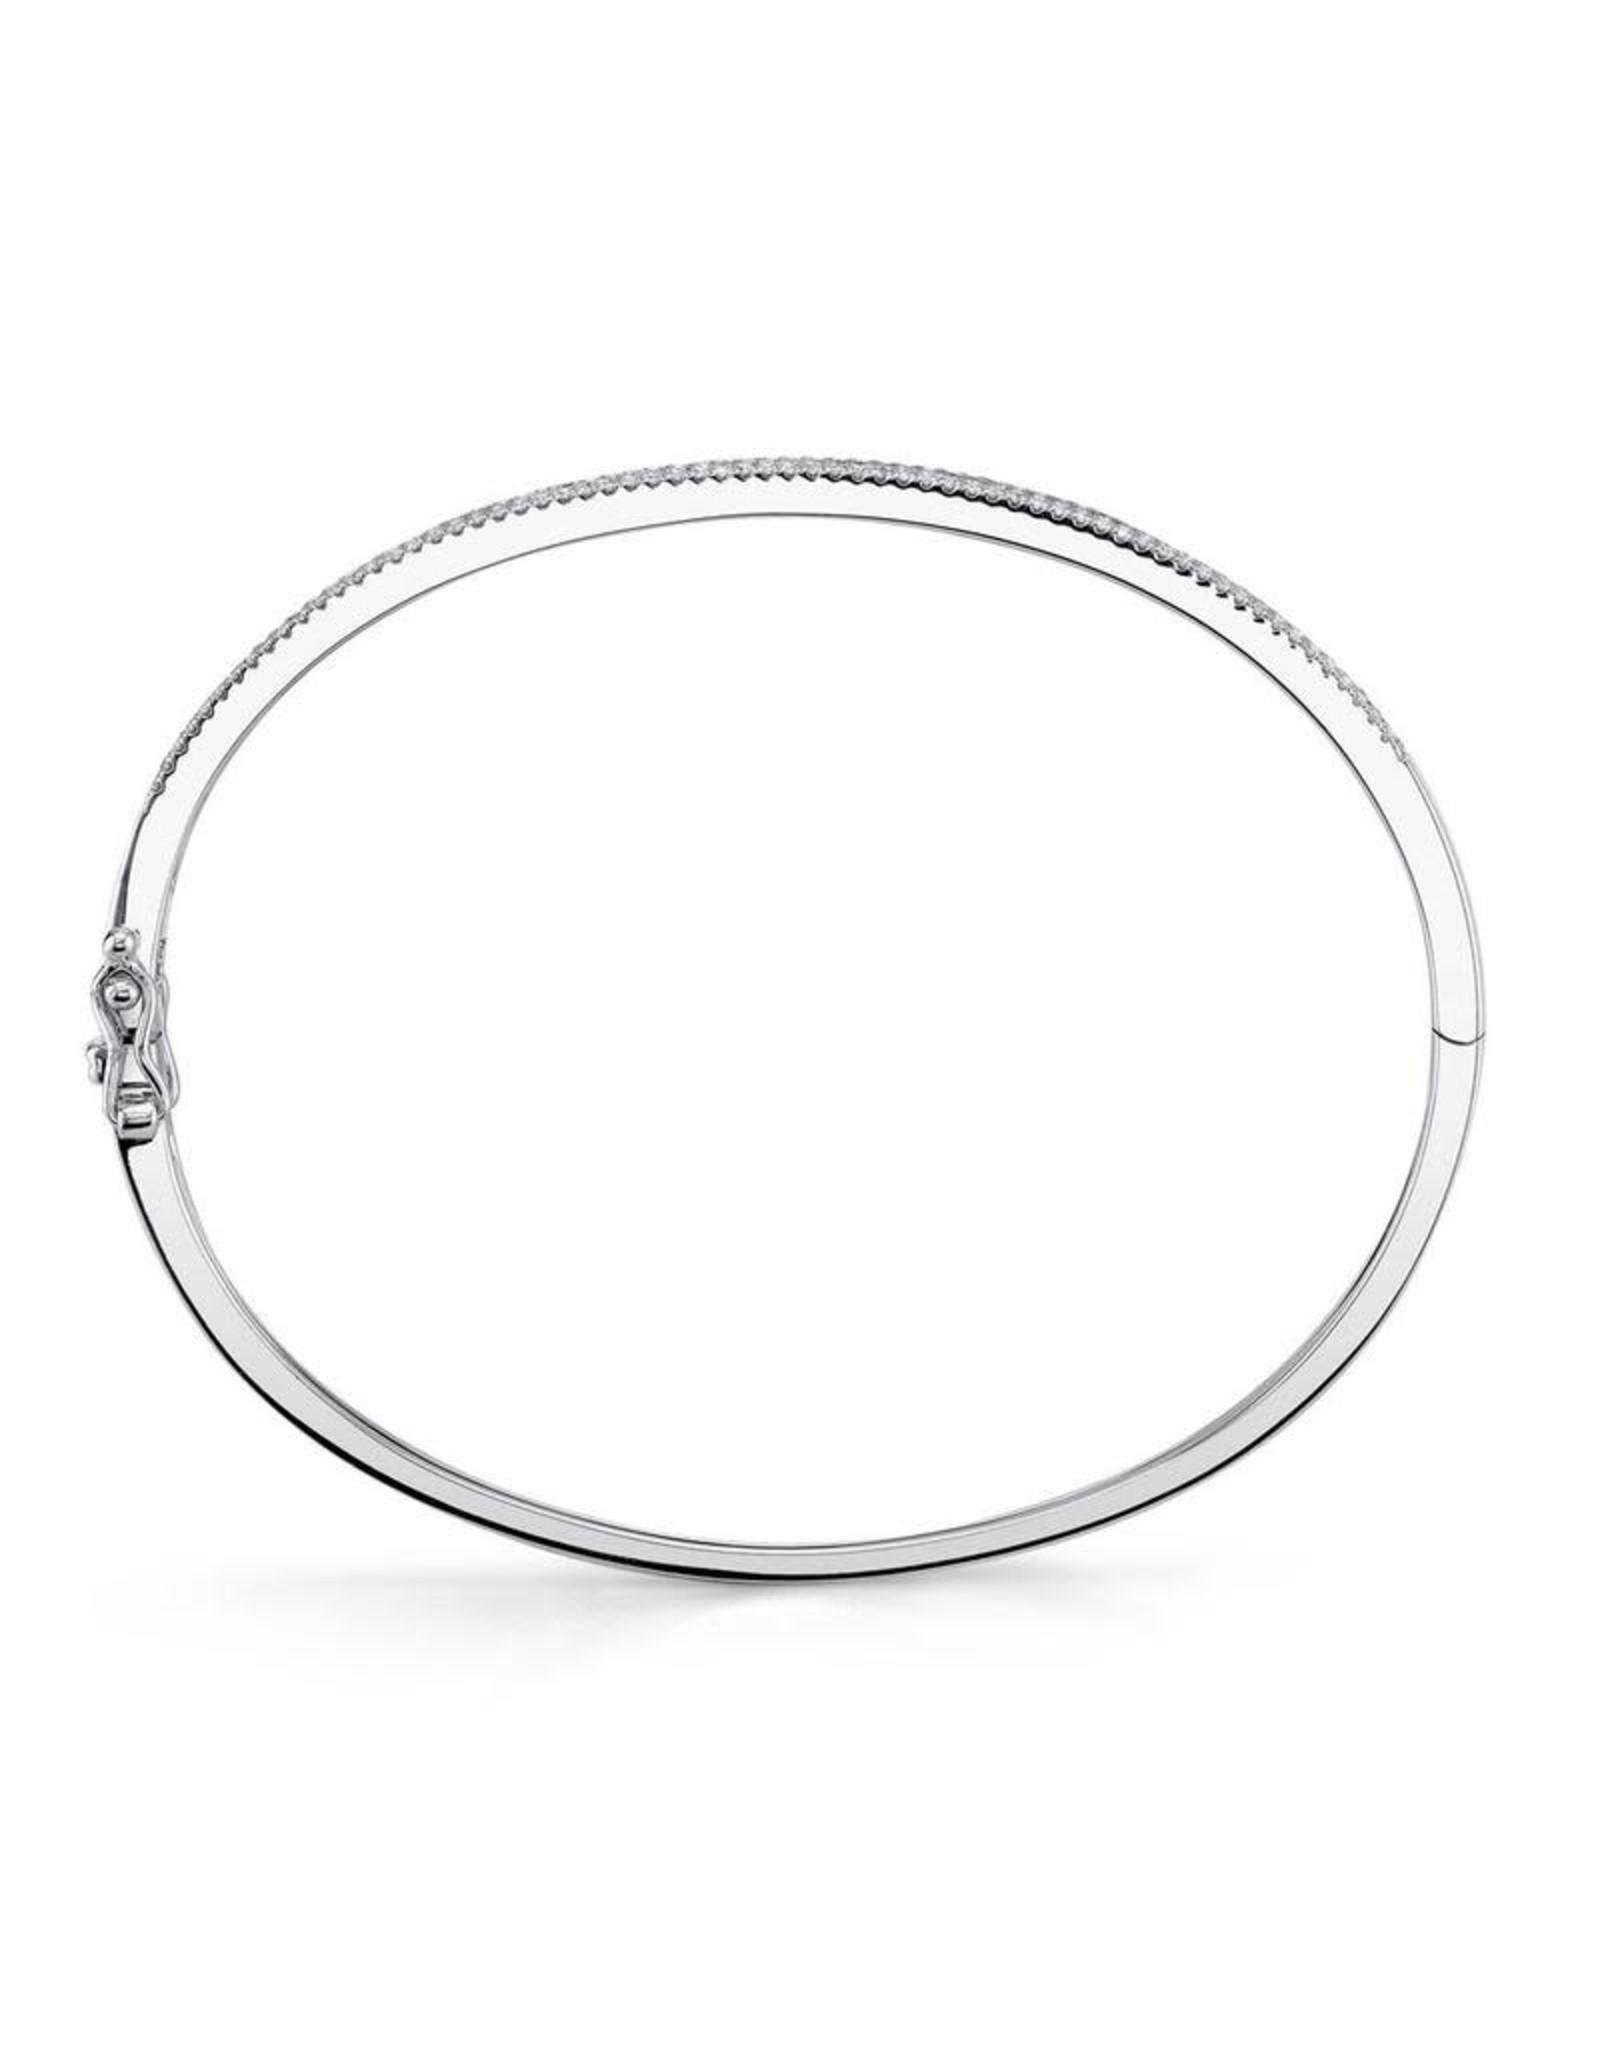 14K W/G Pave Diamond Bangle Bracelet, D: 0.52ct